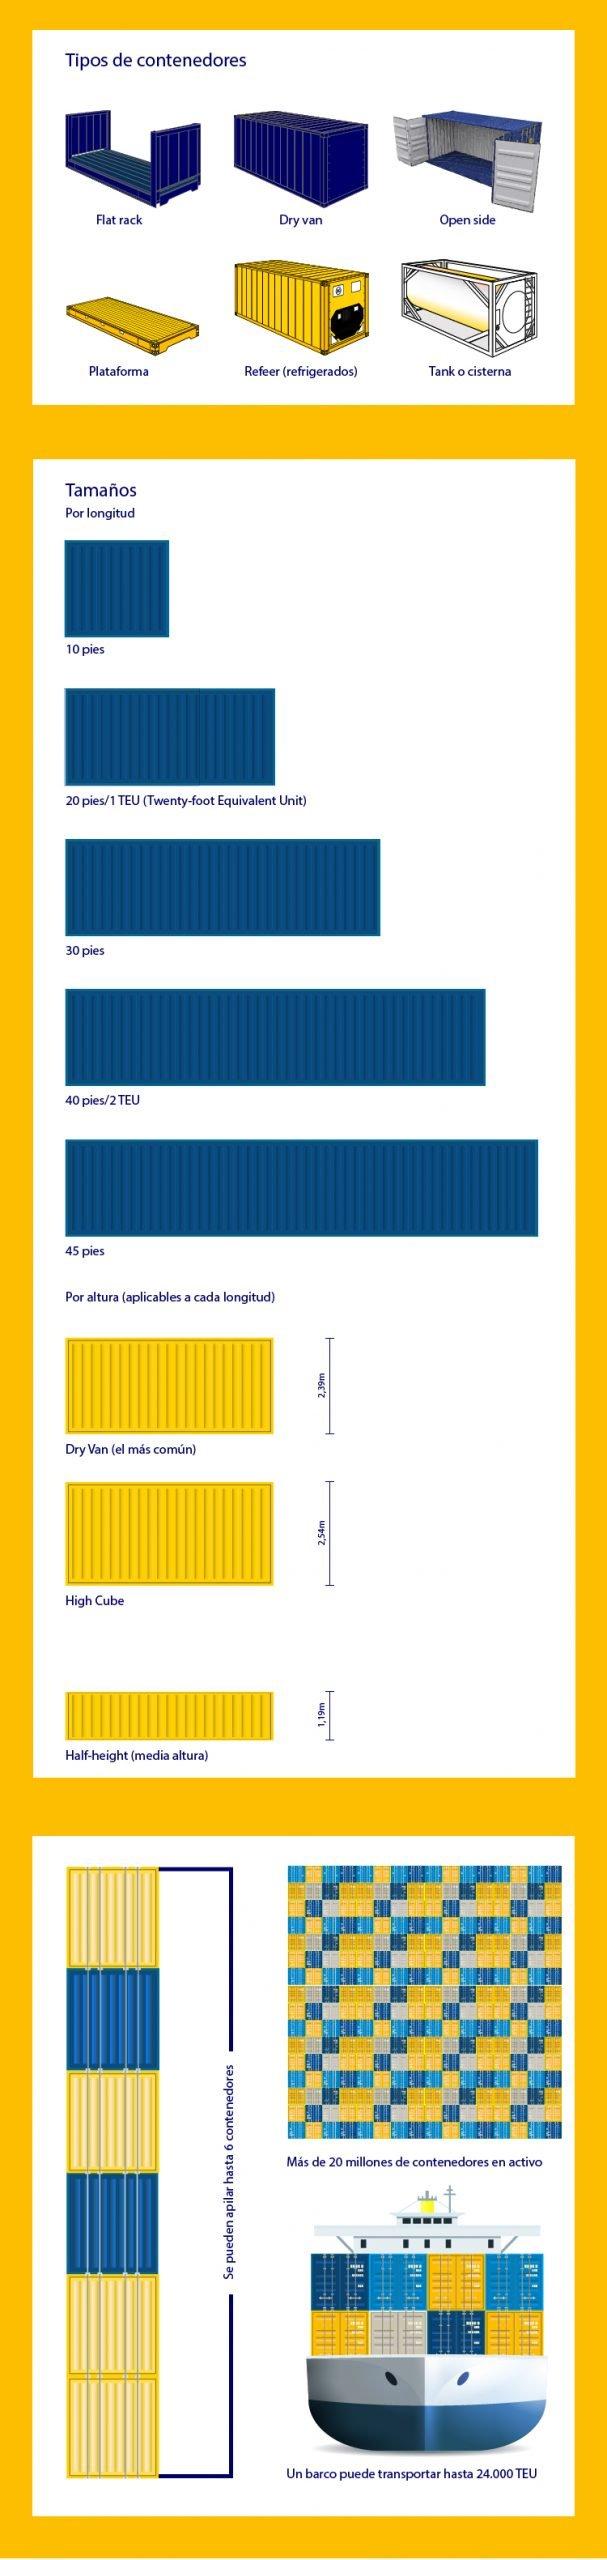 infografia-container-contenedor-teu